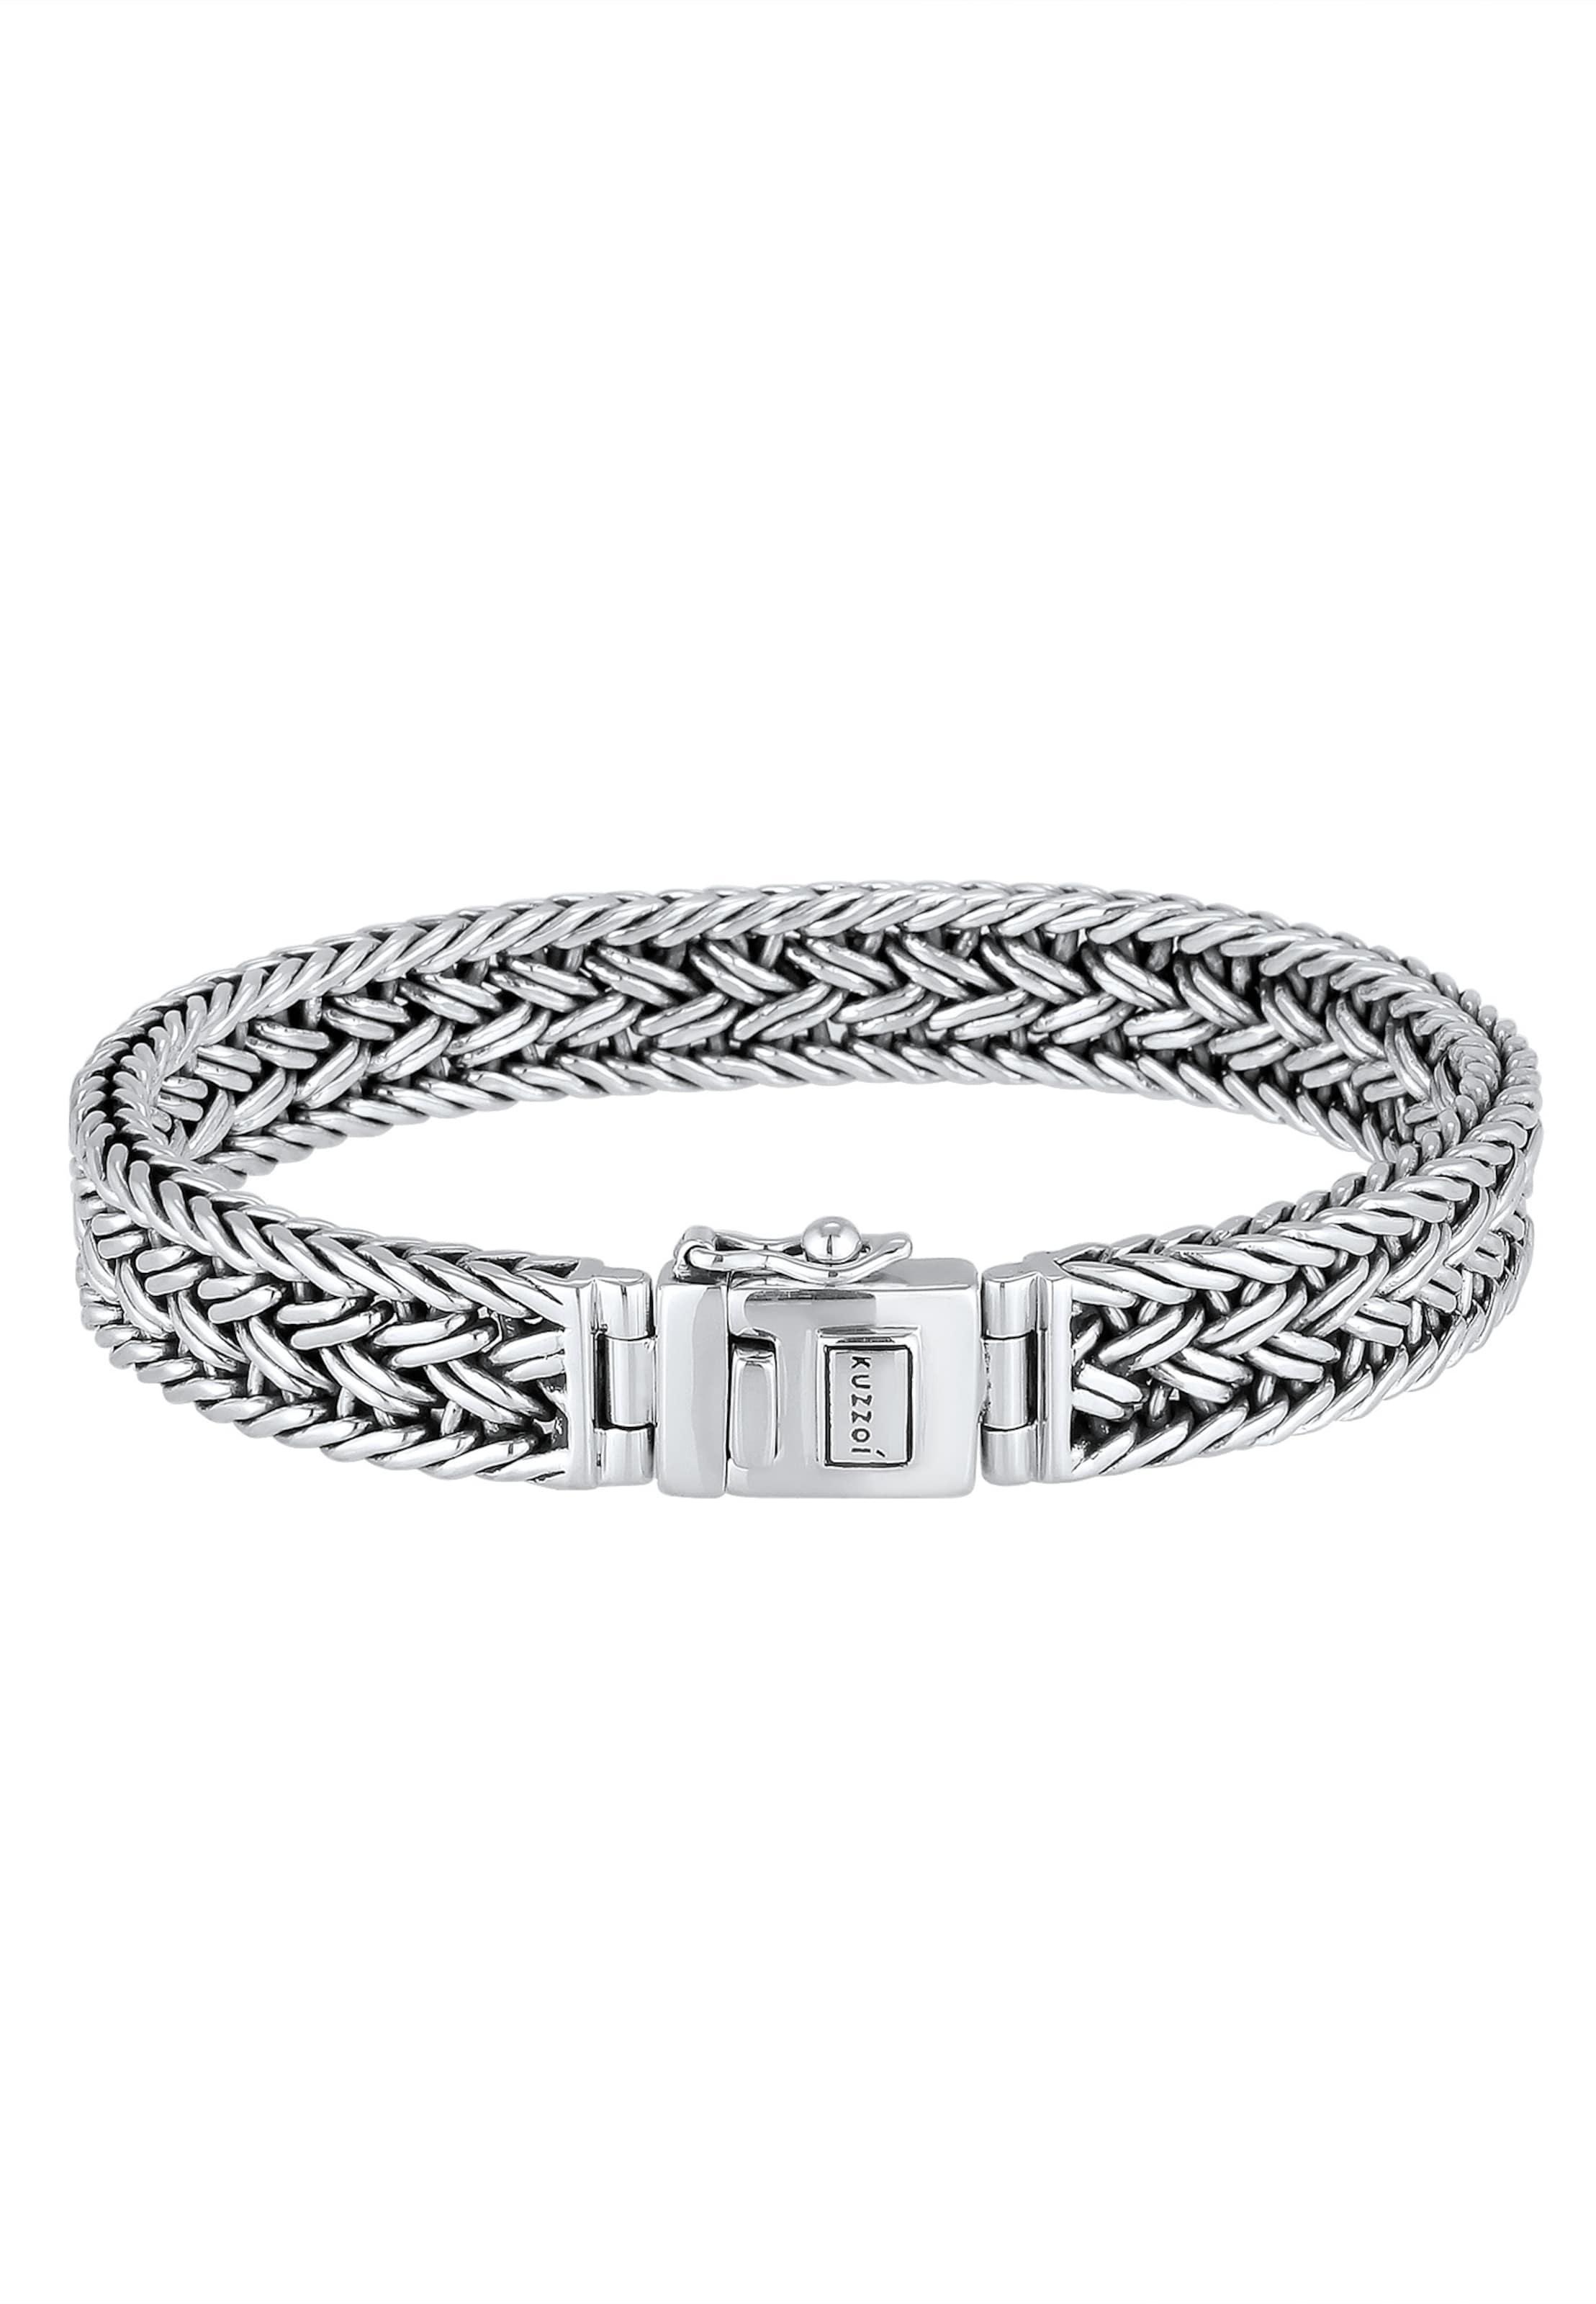 Armband Kuzzoi Silber Kuzzoi In Armband In Silber Kuzzoi In Armband Silber 4jL3R5A